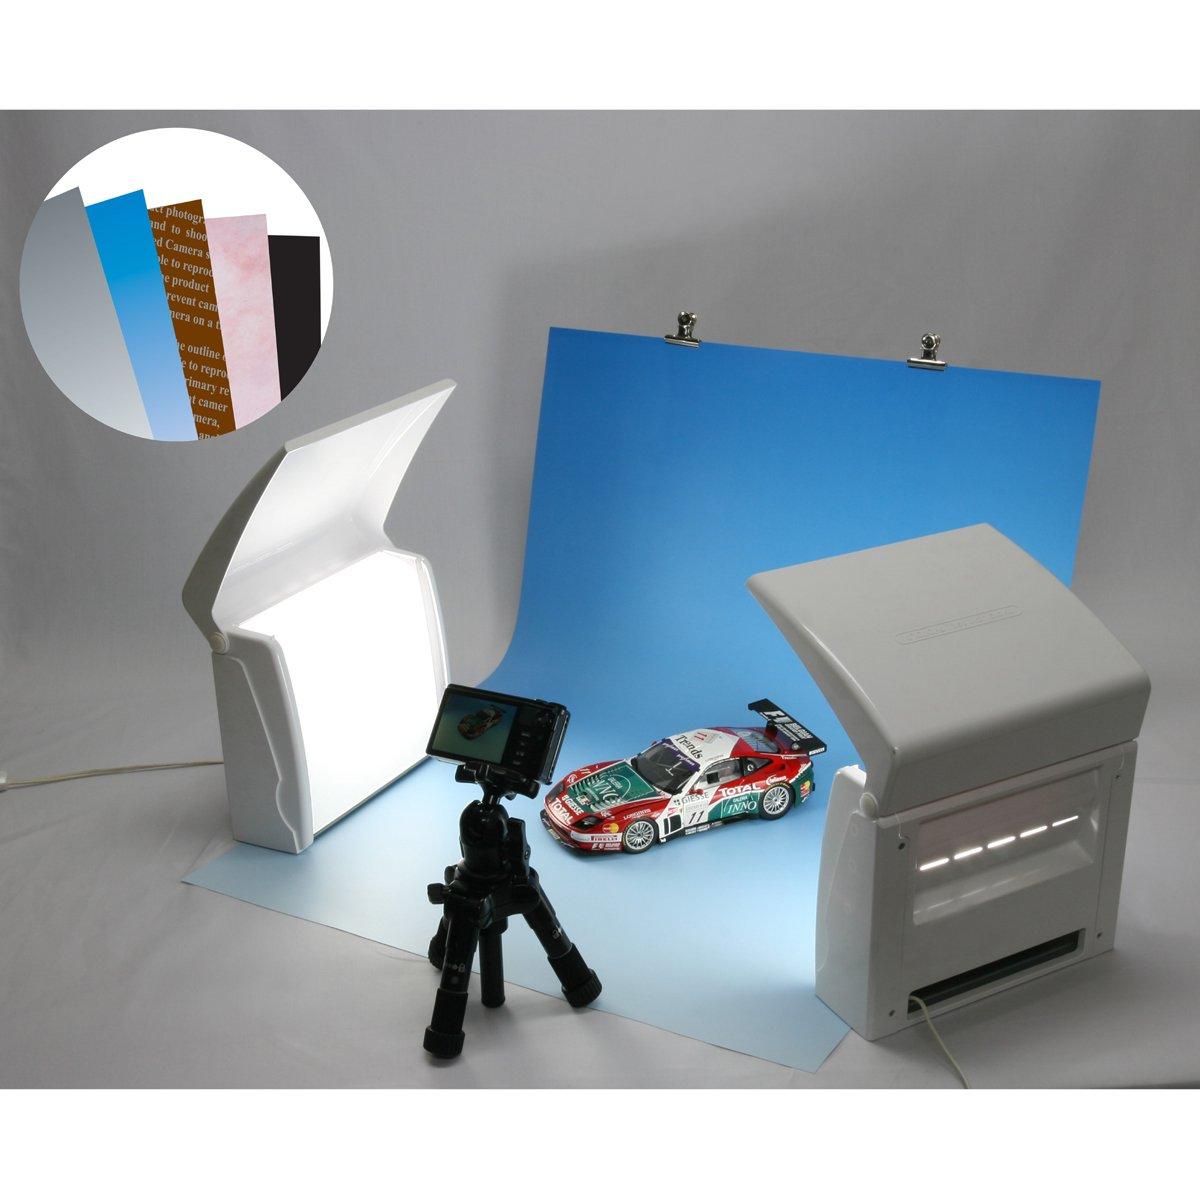 フォトラ PHOTOLA 商品撮影用機材 背景紙充実セット (日本製) PH004 背景紙充実セット  B00AB64M6Q